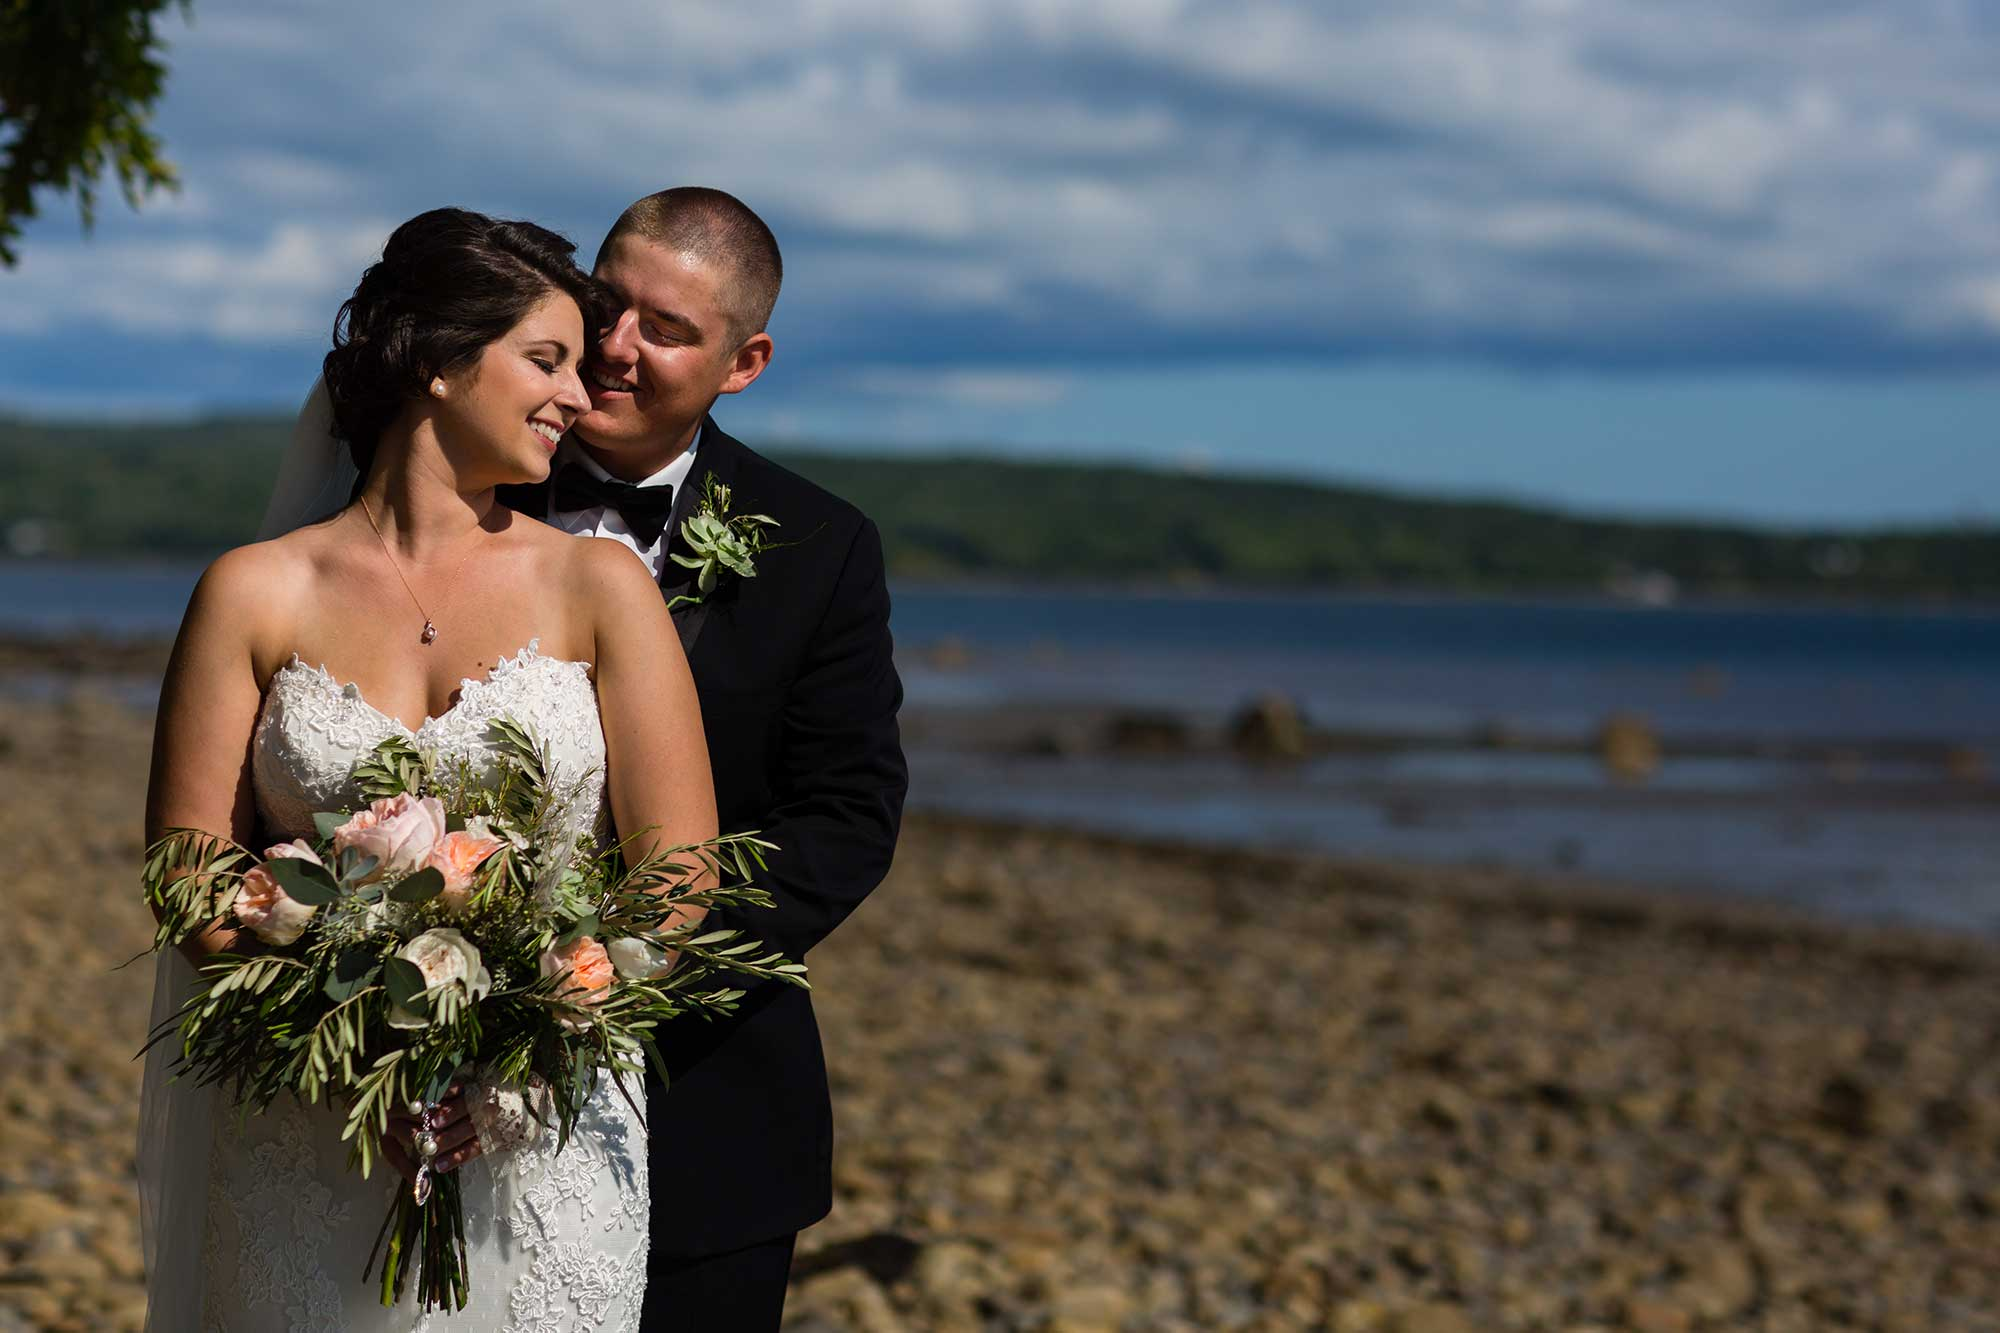 Flowers by Hoboken – beach bridal bouquet, greenery bouquet, wedding flowers